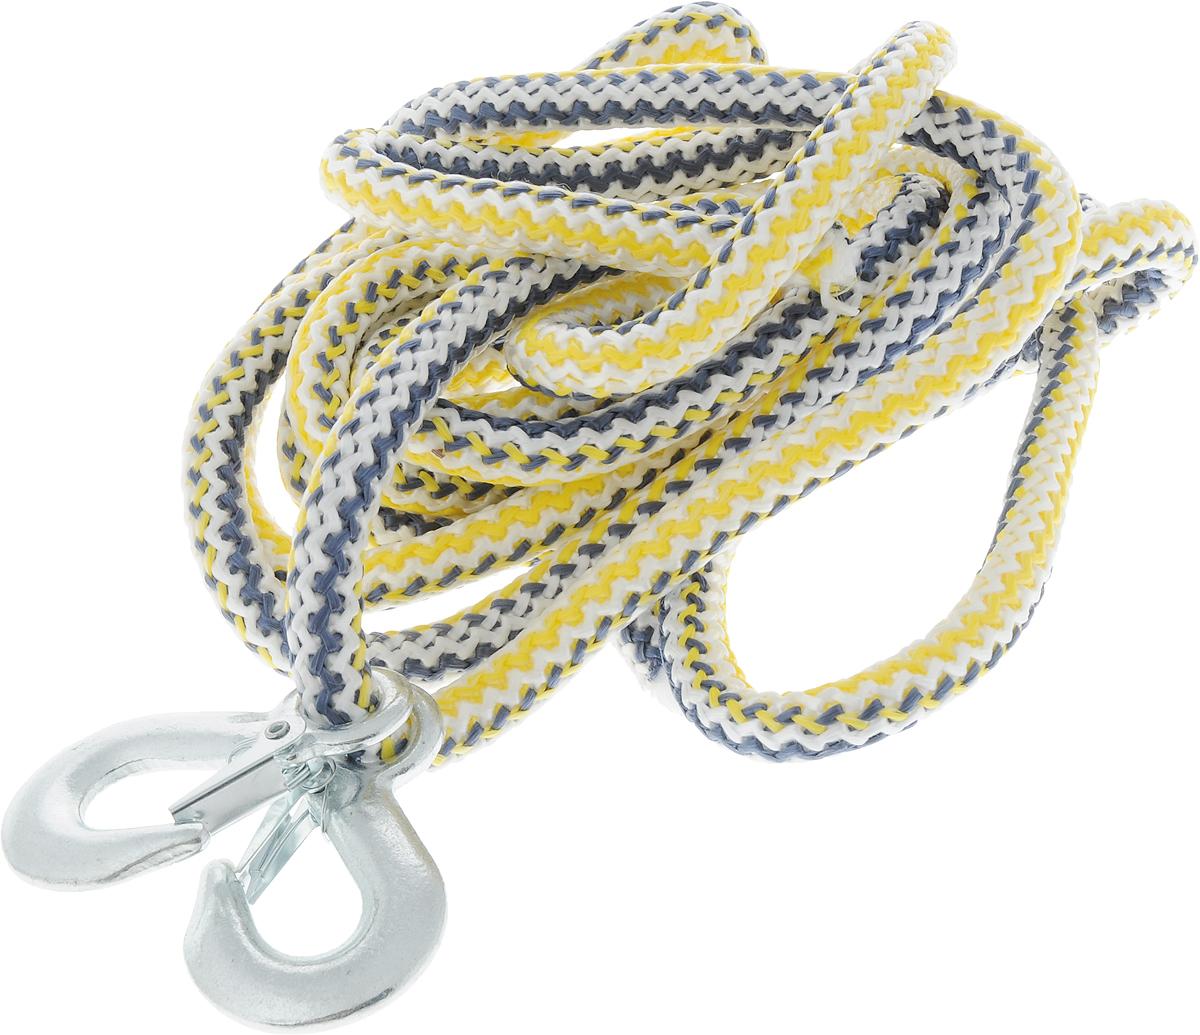 Трос-шнур альпинистский Главдор, с 2 крюками, цвет: синий, белый, желтый, диаметр 16 мм, 5 т, 4,73 мGL-253_синий,белый,желтыйАльпинистский трос Главдор представляет собой шнур из сверхпрочной полипропиленовой нити с двумя стальными крюками. Специальное плетение веревки обеспечивает эластичность троса и плавный старт автомобиля при буксировке. На протяжении всего срока службы не меняет свои линейные размеры.Трос морозостойкий и влагостойкий. Длина троса соответствует ПДД РФ.Буксировочный трос обязательно должен быть в каждом автомобиле. Он необходим на случай аварийной ситуации или если ваш автомобиль застрял на бездорожье. Максимальная нагрузка: 5 т.Длина троса: 4,73 м.Диаметр троса: 16 мм.